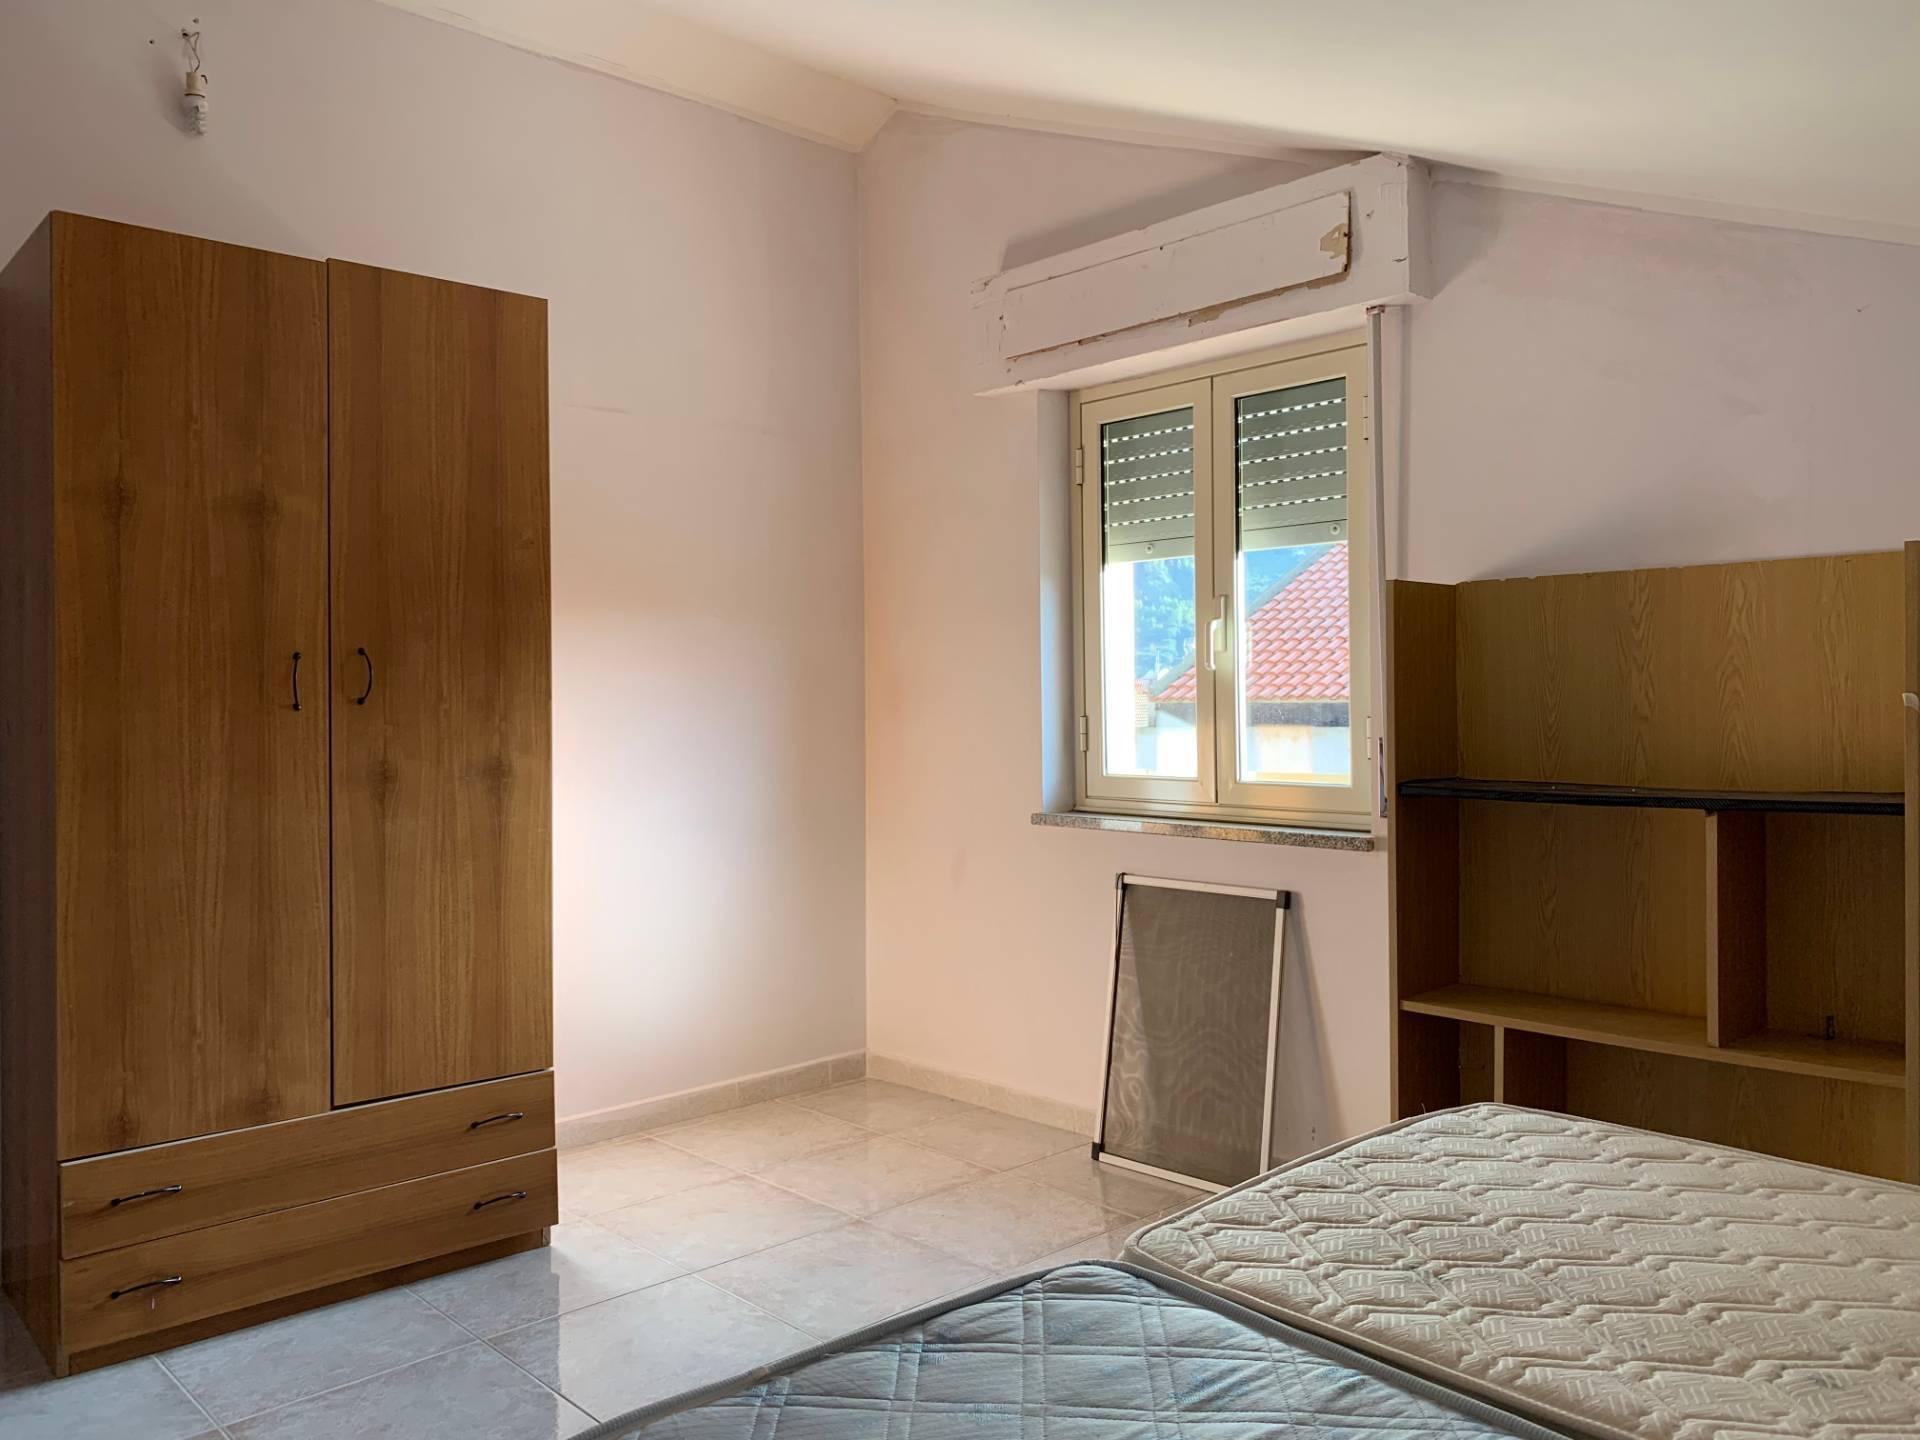 Appartamento in affitto a Squillace, 3 locali, zona Località: Lido, prezzo € 350 | CambioCasa.it